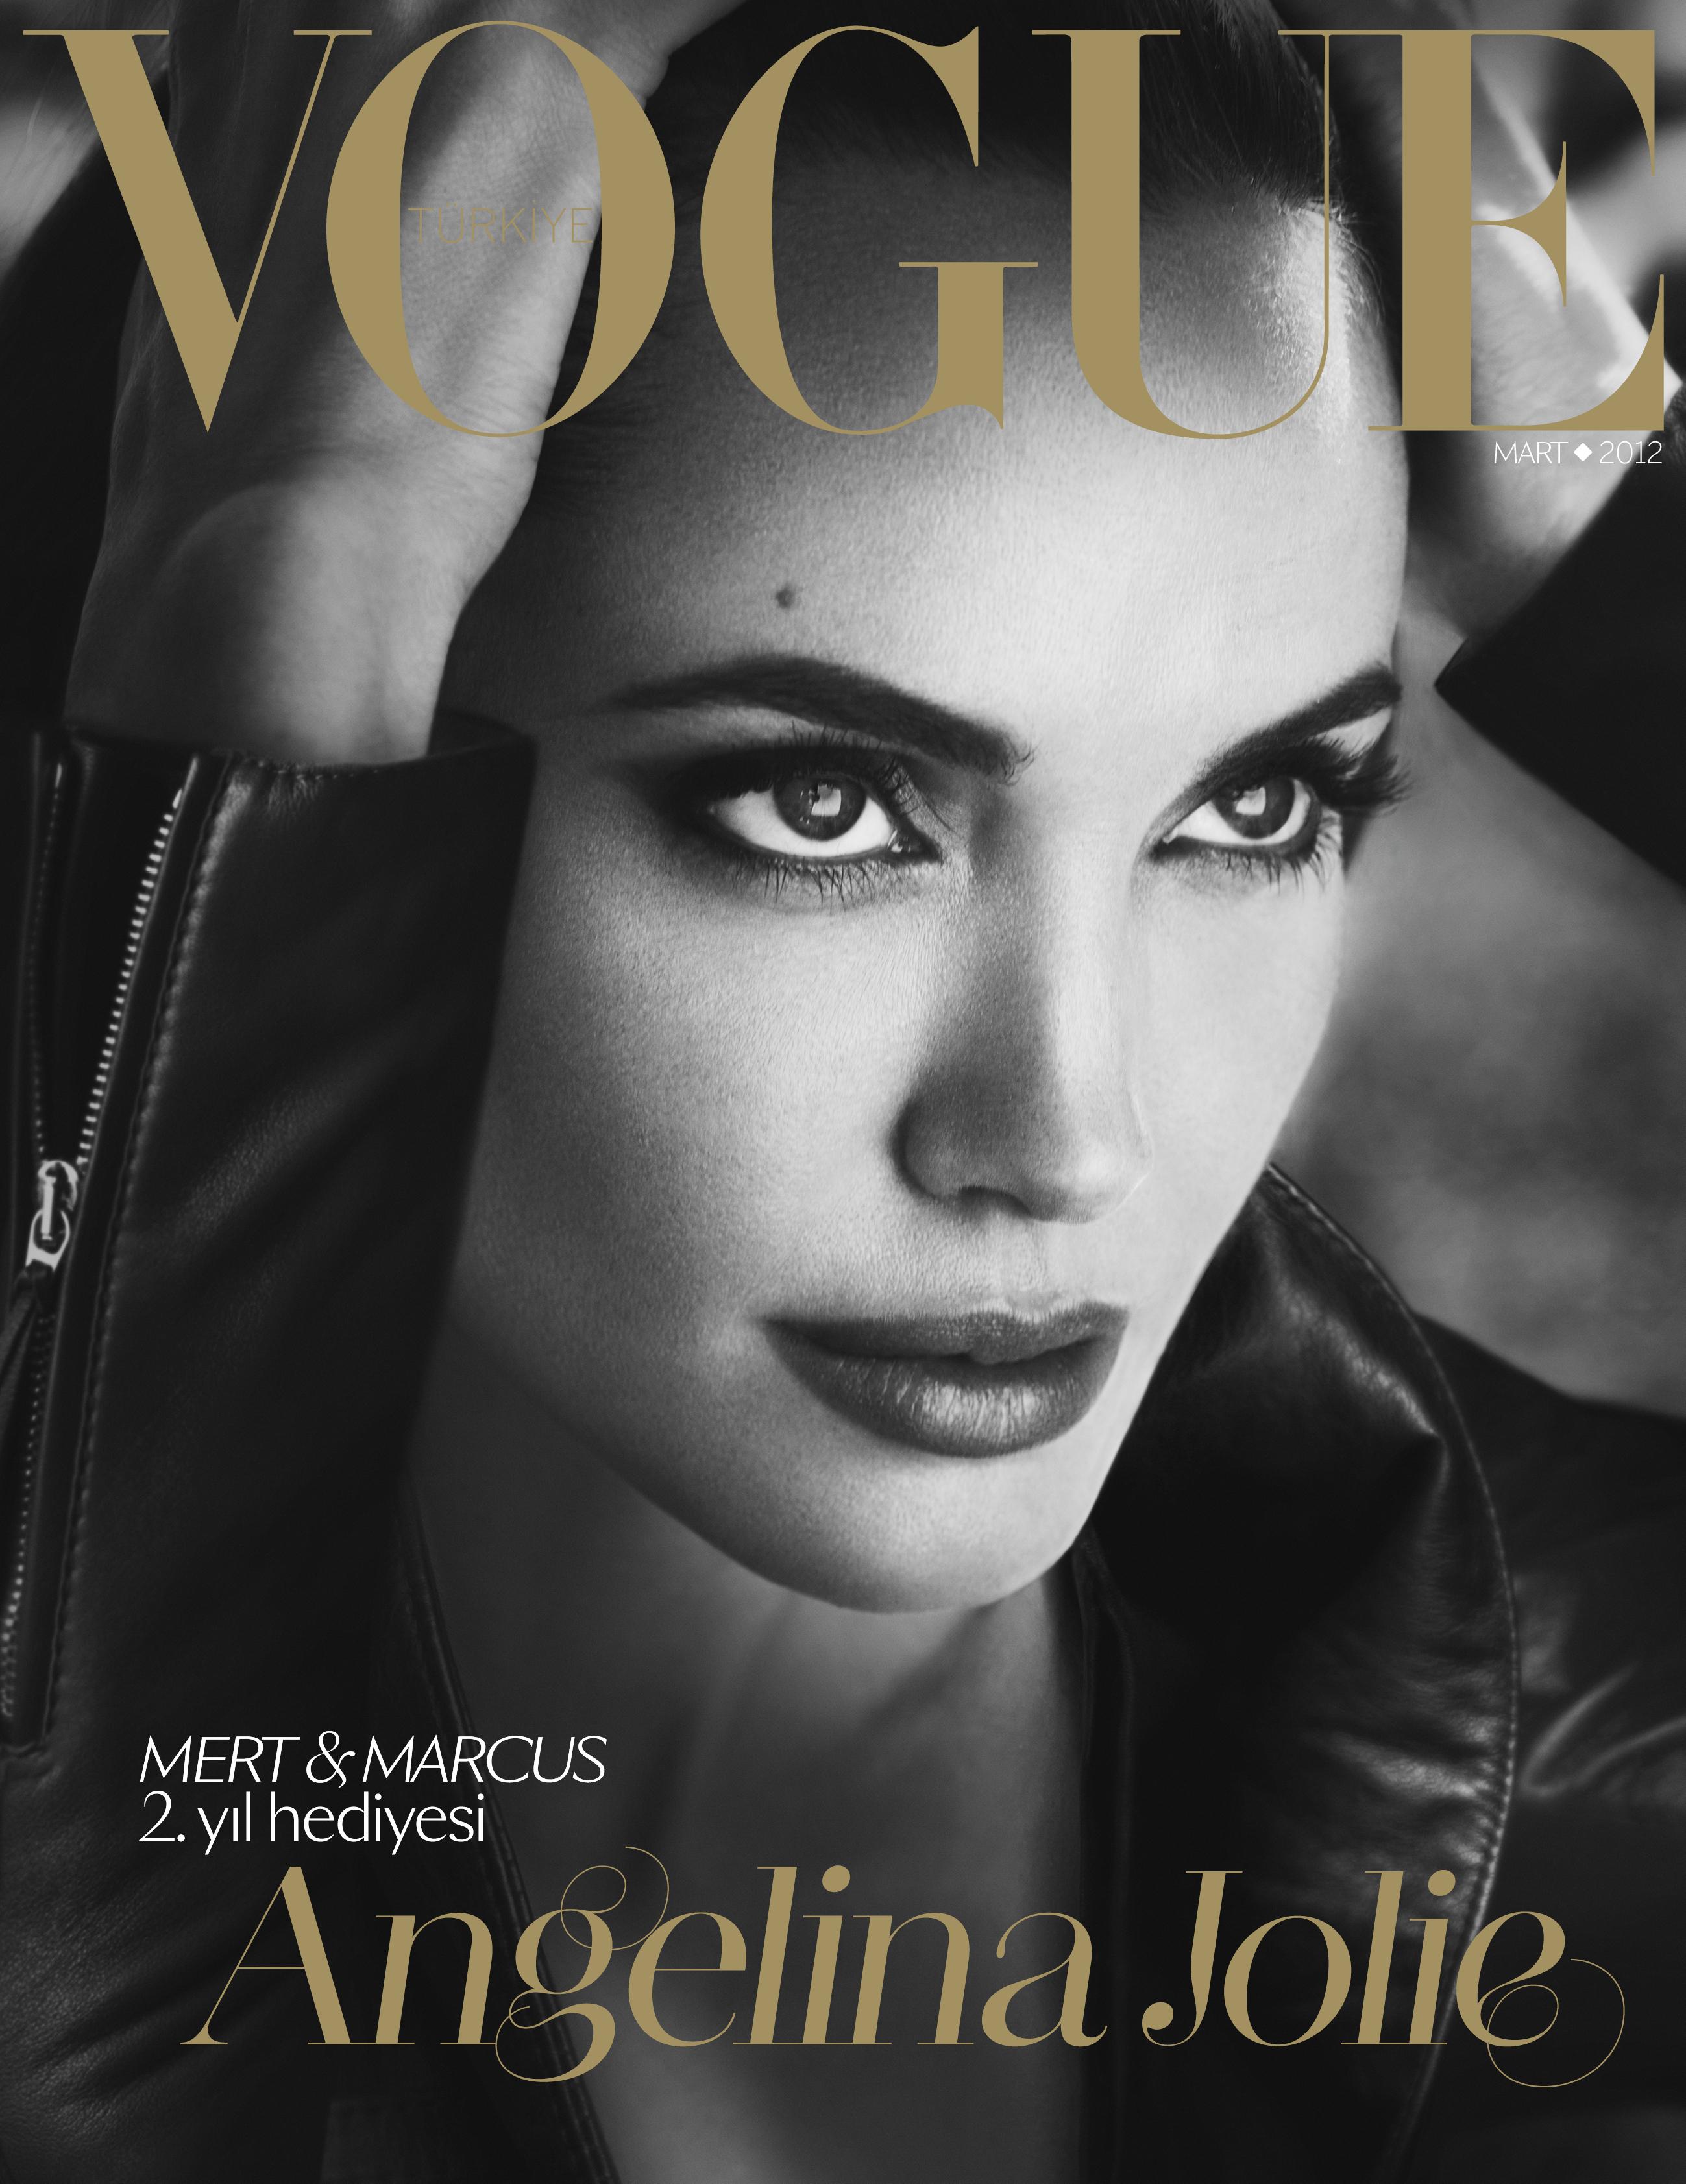 Mert&Marcus'un ikinci yıl hediyesi: Angelina Jolie